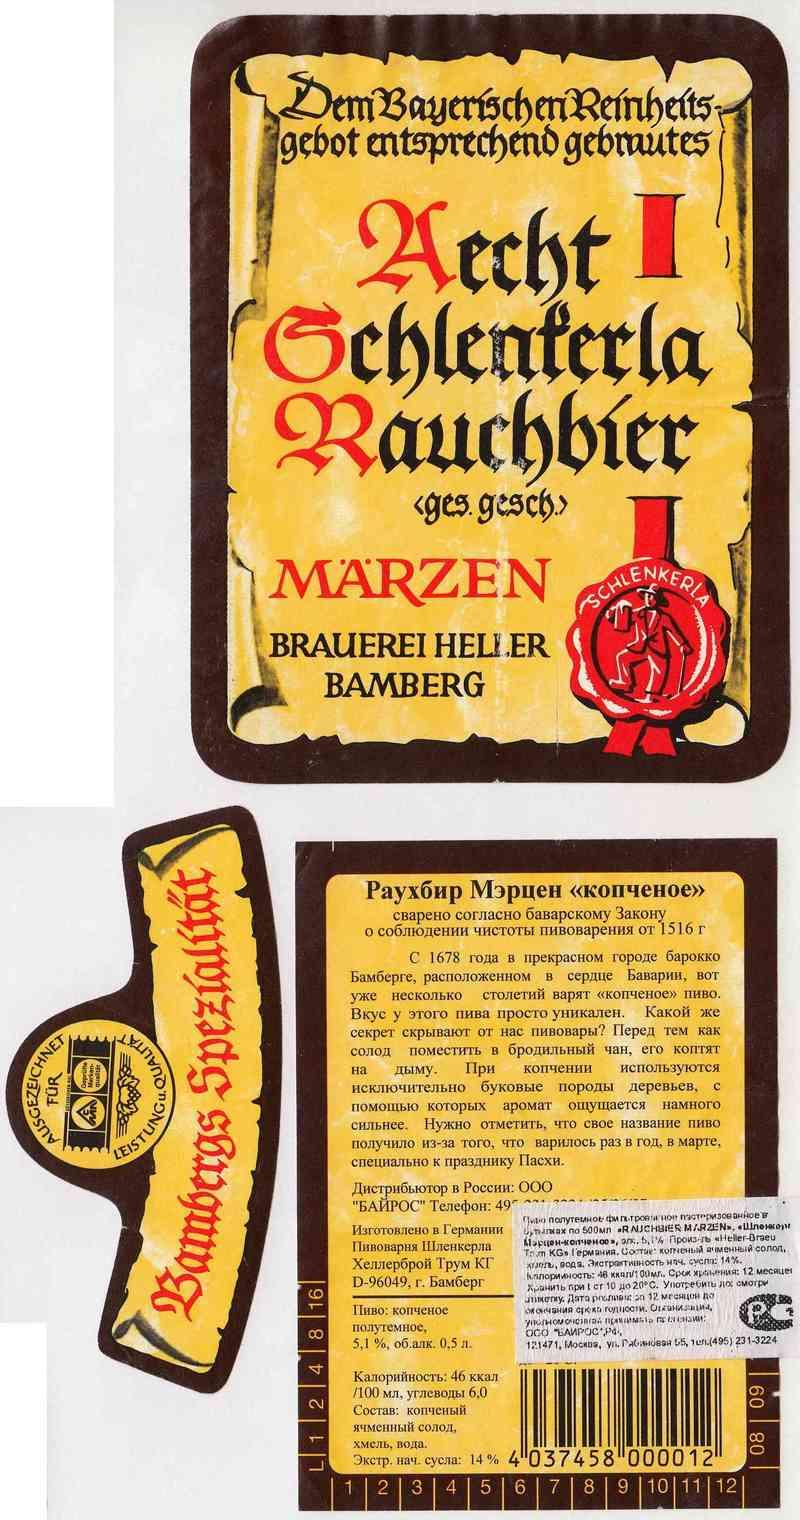 Раухбир (rauchbier) – копченое пиво родом из франконии